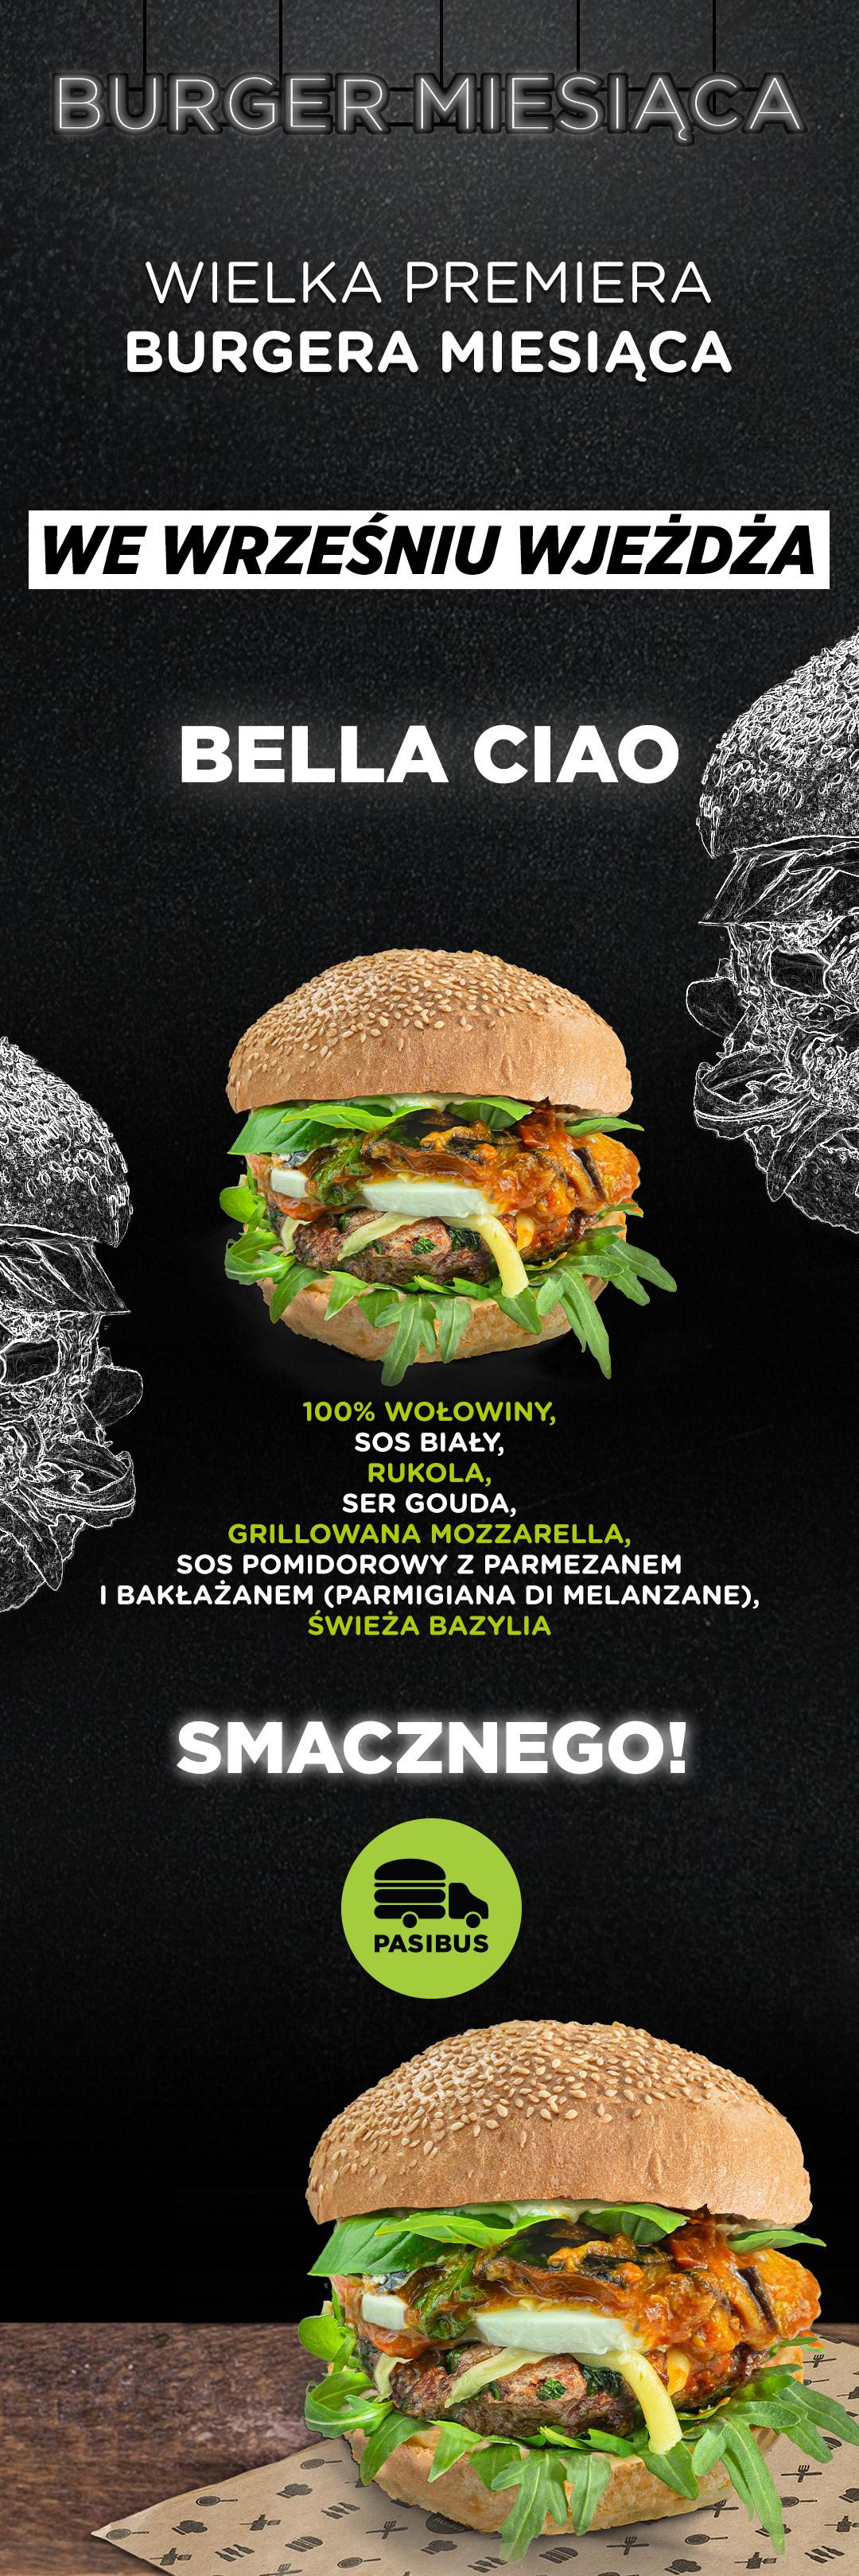 Przedstawiamy burgera miesiąca wrzesień 2019 - Bella Ciao